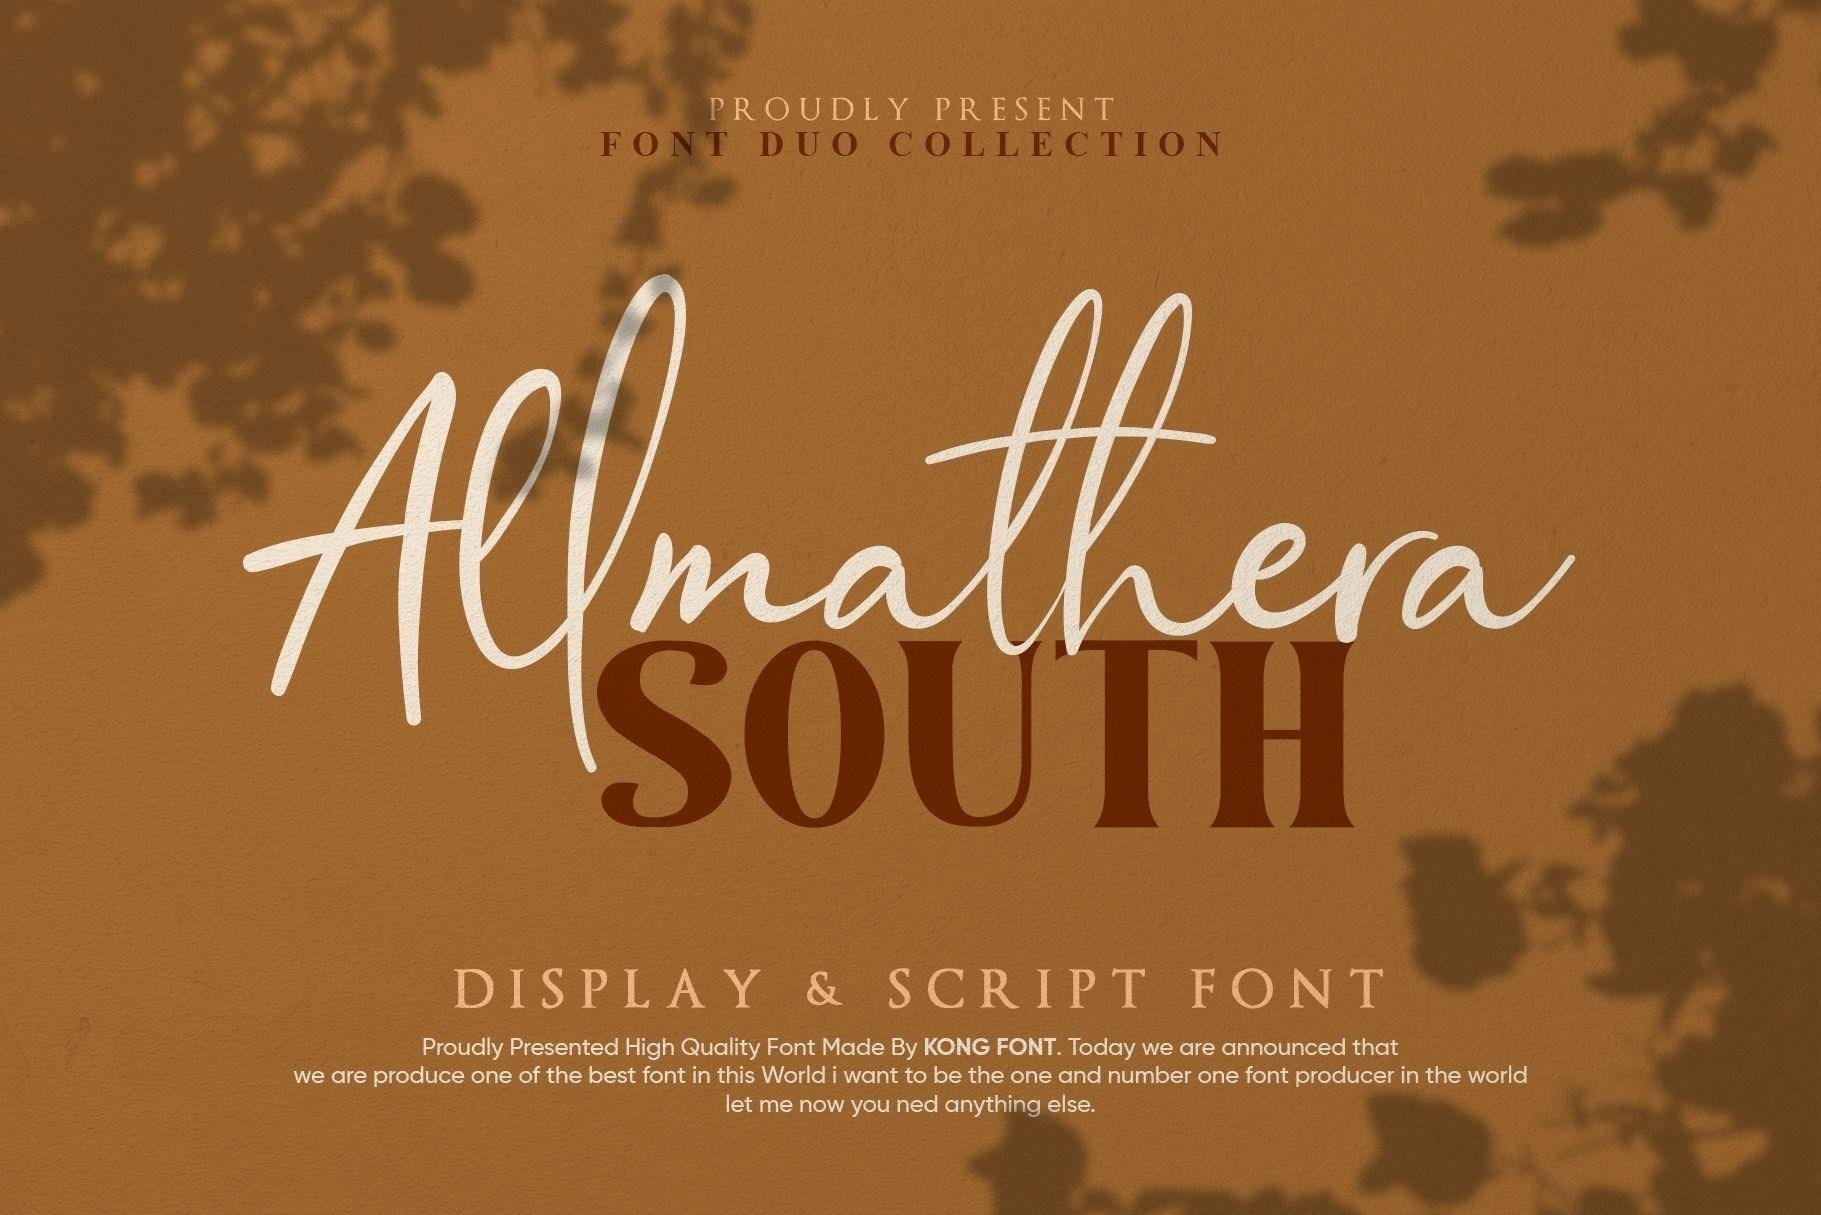 Allmathera-South-Font-Duo